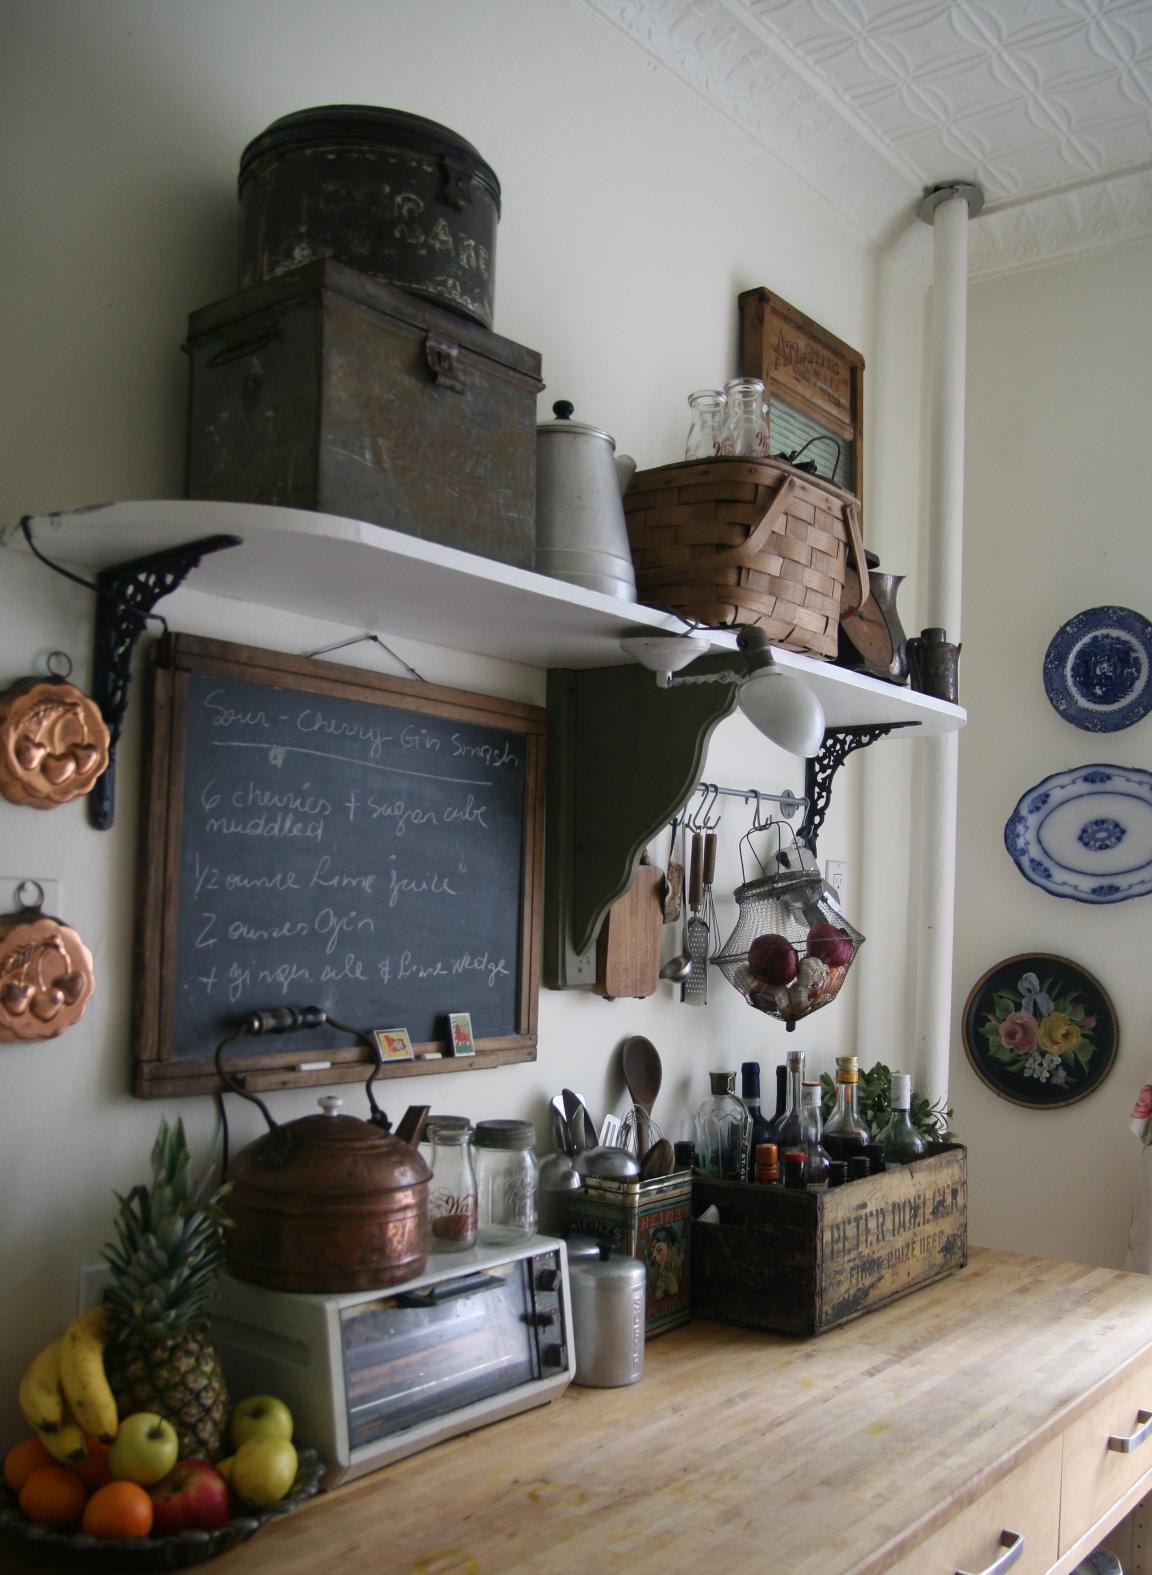 Le charme d'une cuisine rustique | Casa de boneca kitchen